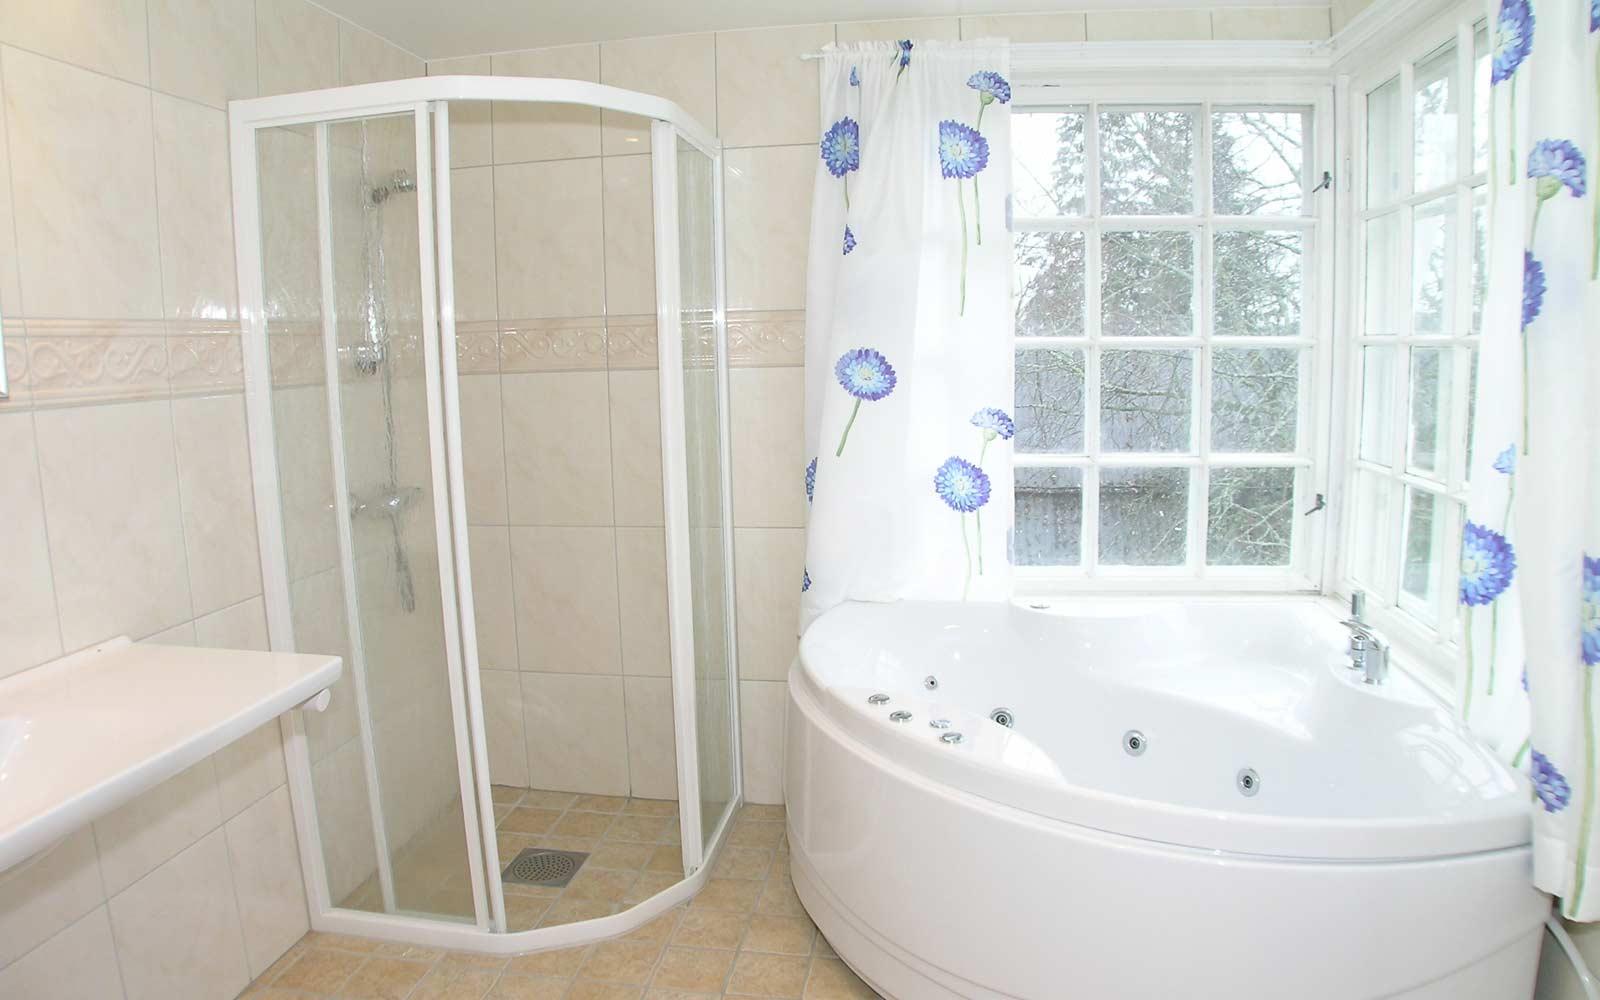 Badet til sov 5 i Villa Sole - Sjumilskogen booking Trysil